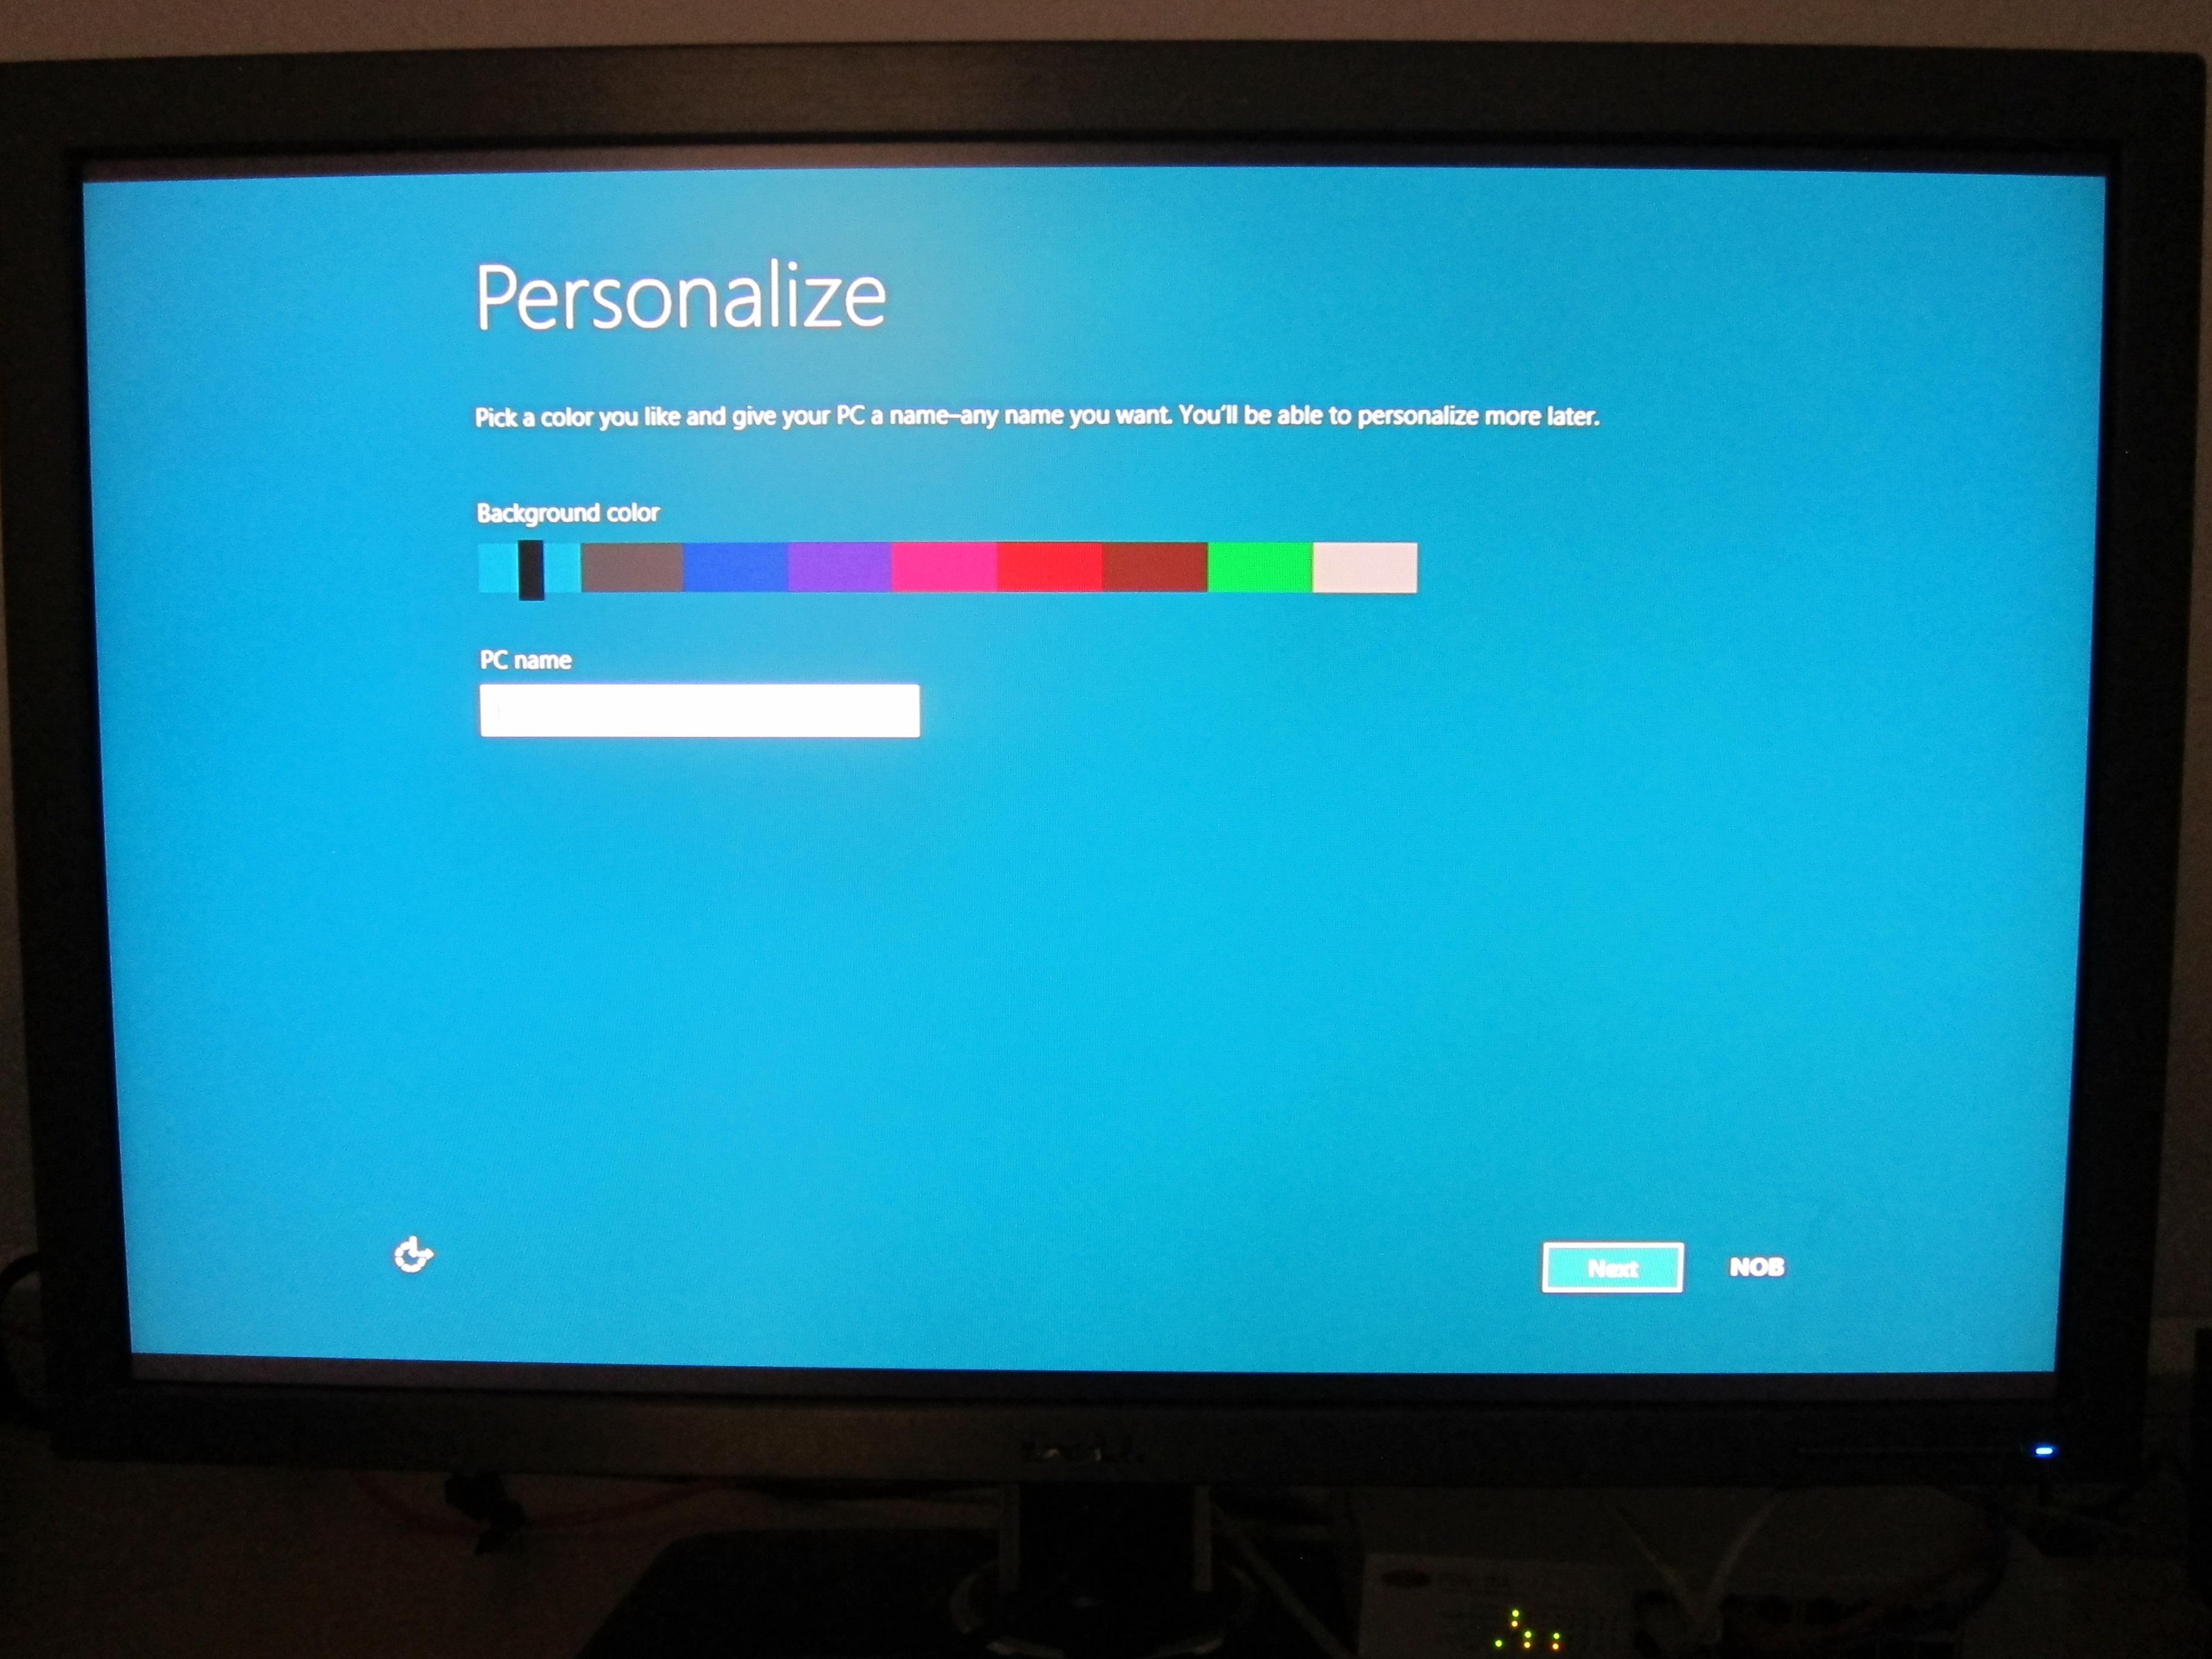 Når du har installert Windows 8 får du opp en rekke valg. Dette bildet er tatt fra en tidligere versjon av Windows 8, og i den endelige versjonen er fargeutvalget mye bedre enn dette.